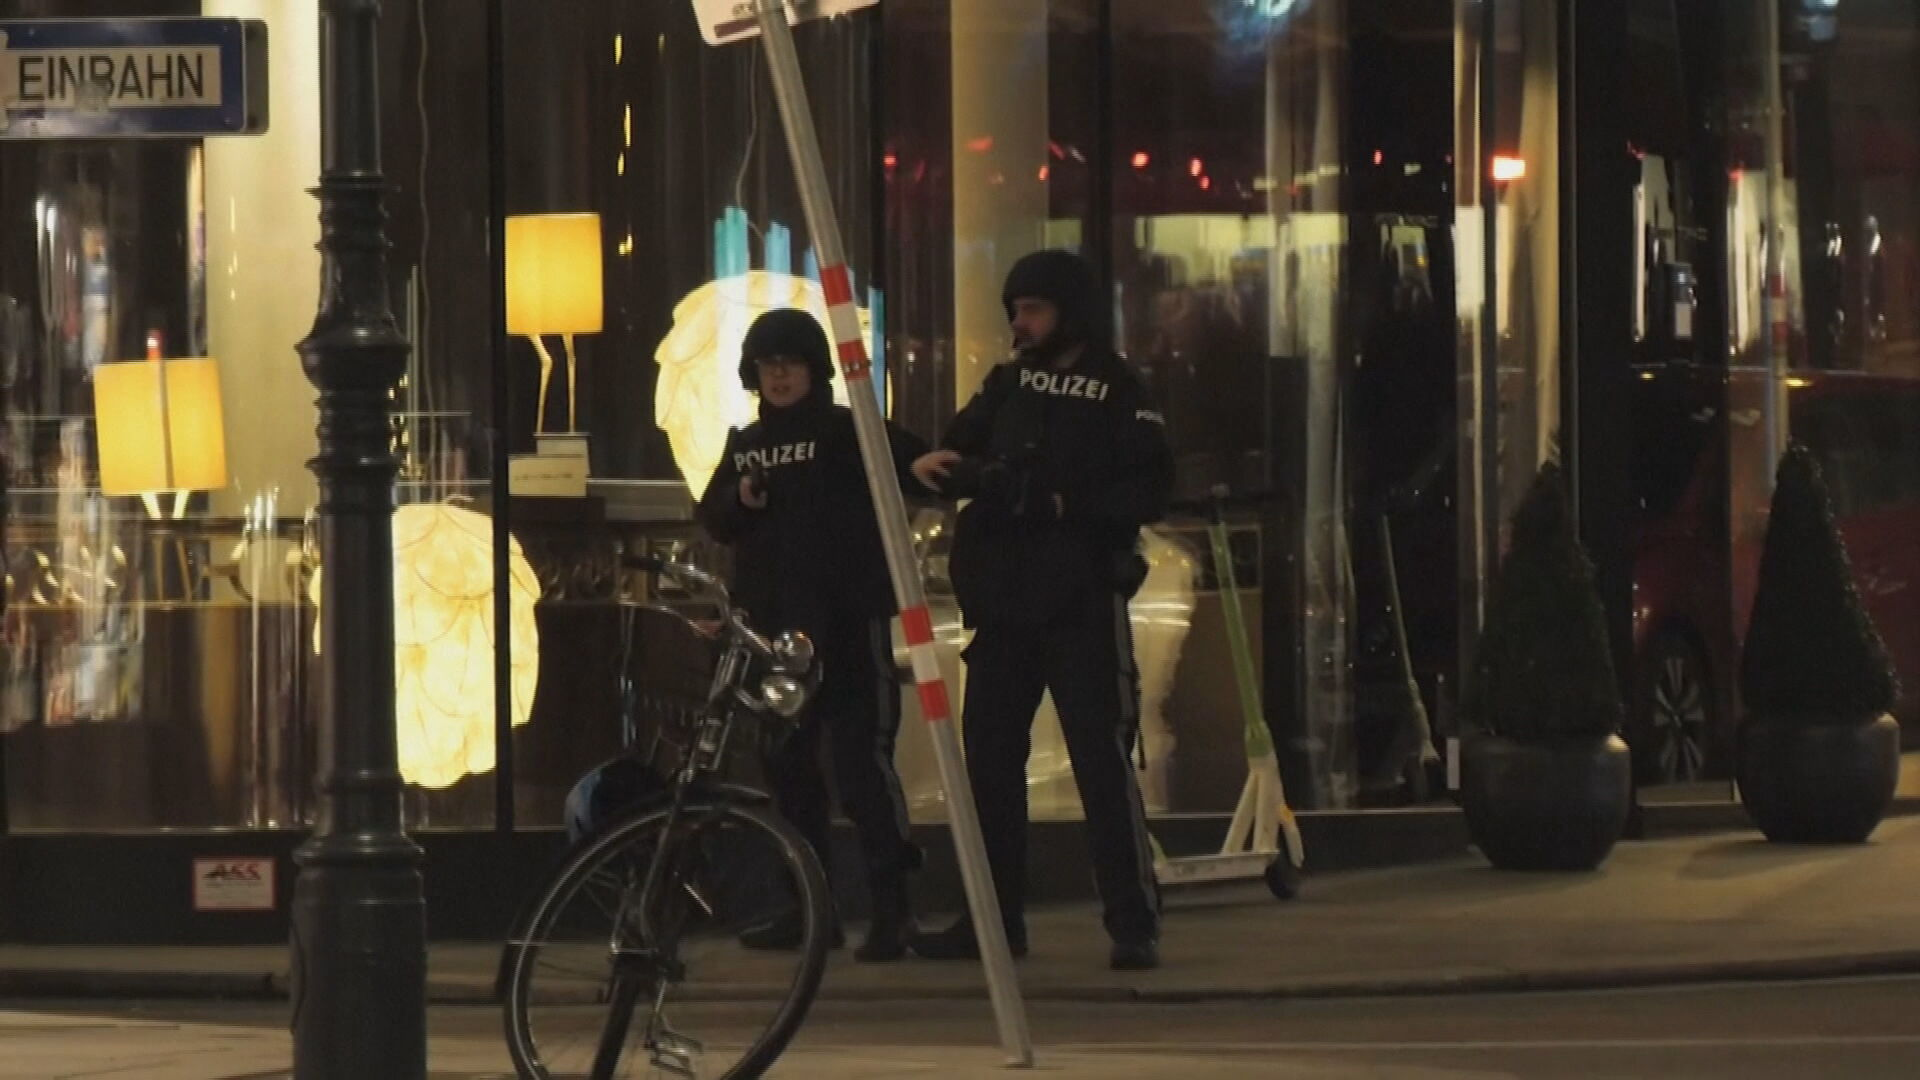 Tiroteio deixa um morto e vários feridos em Viena, na Áustria